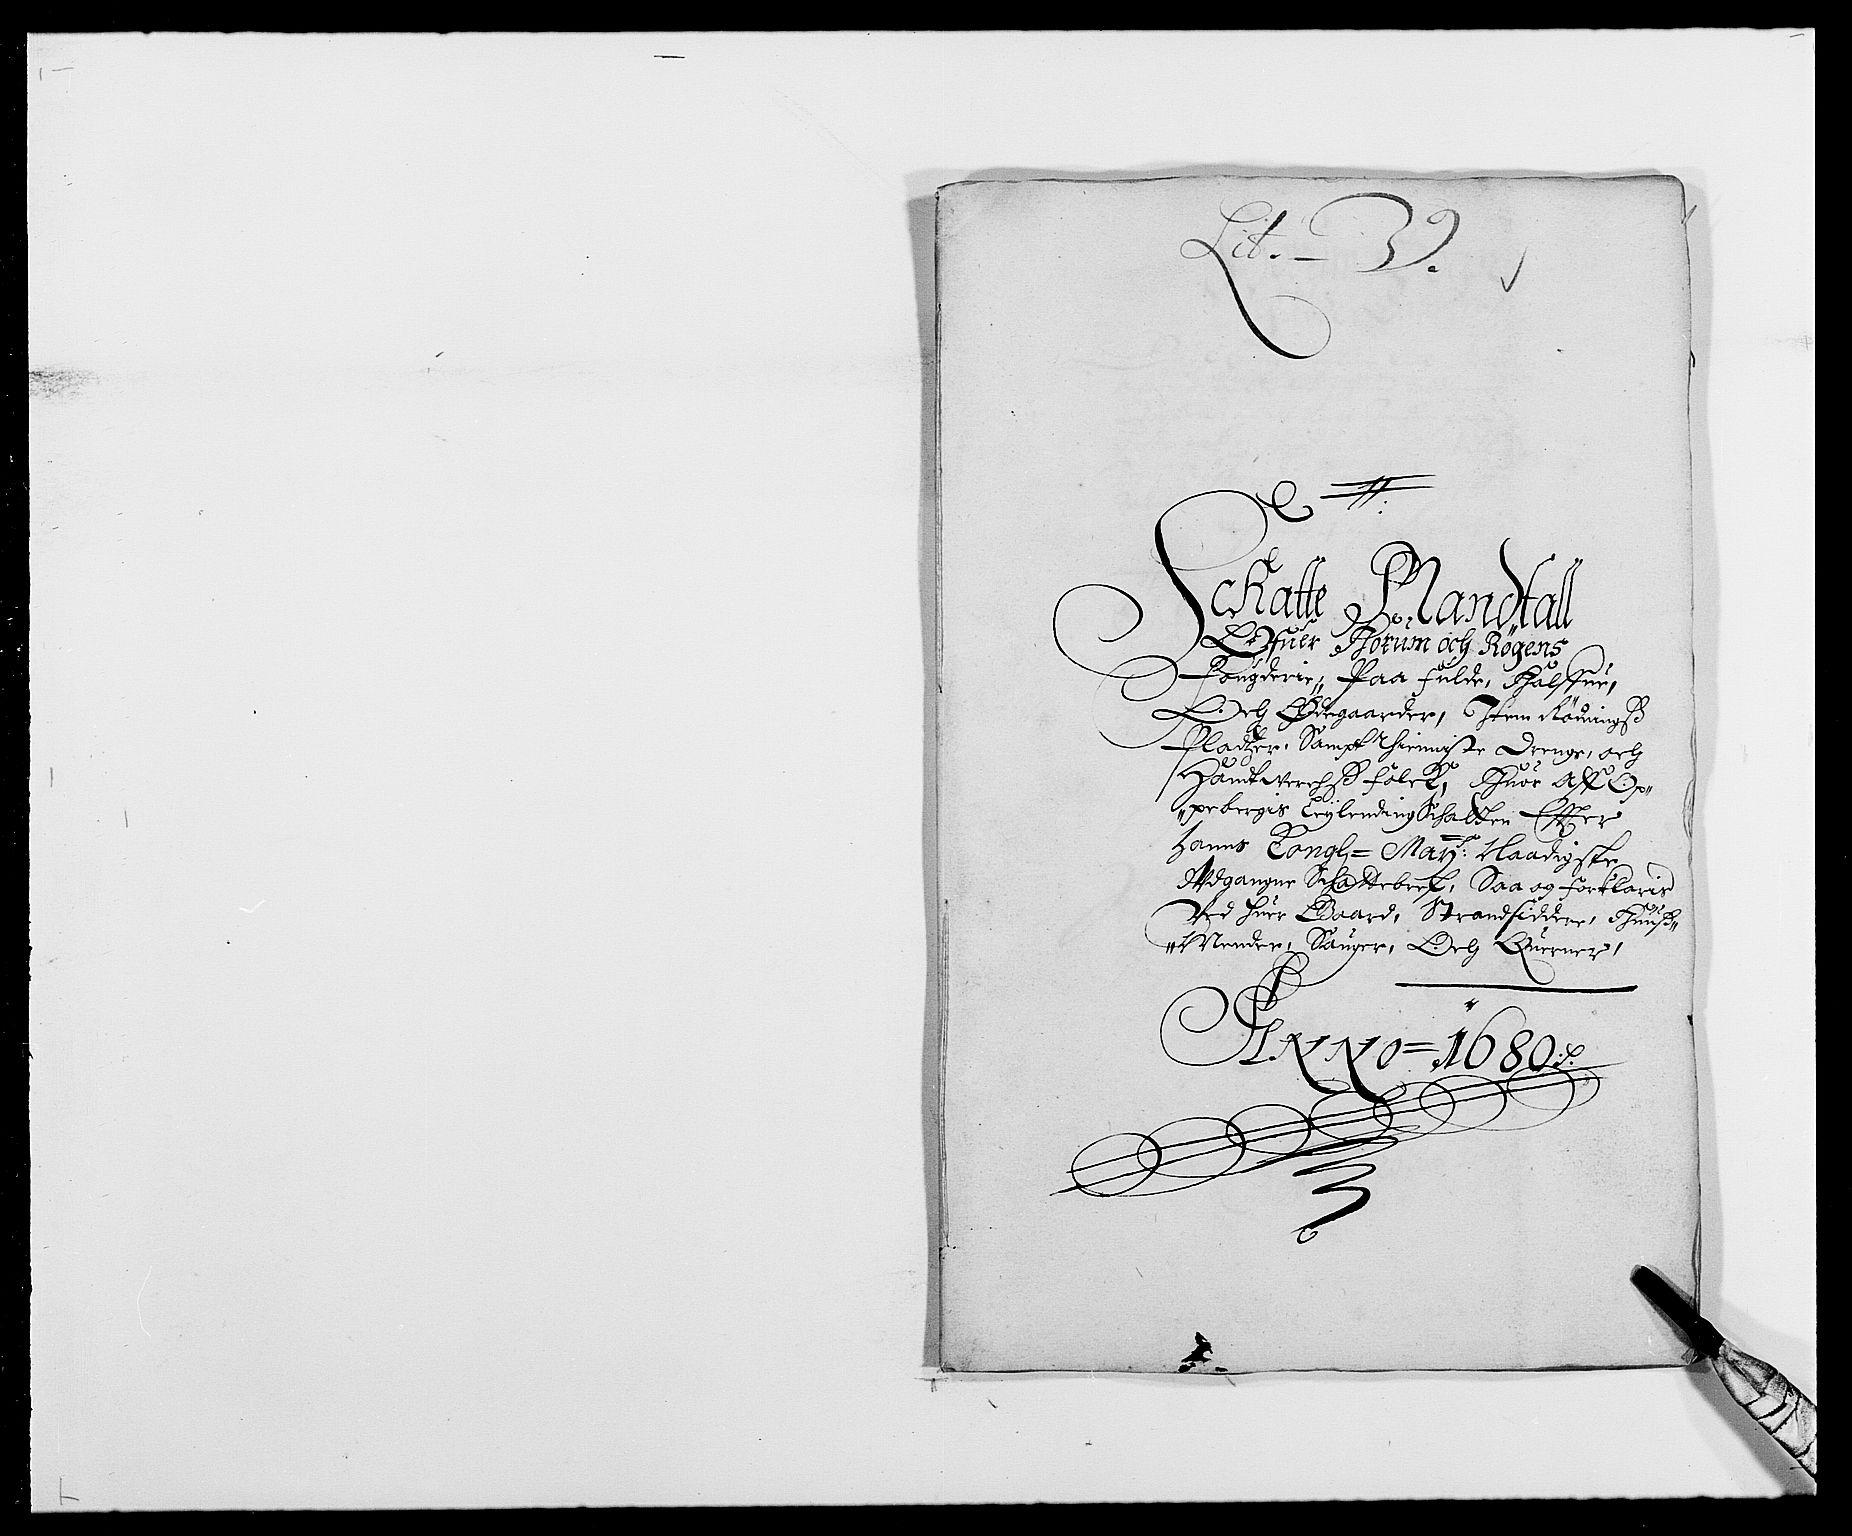 RA, Rentekammeret inntil 1814, Reviderte regnskaper, Fogderegnskap, R29/L1691: Fogderegnskap Hurum og Røyken, 1678-1681, s. 264